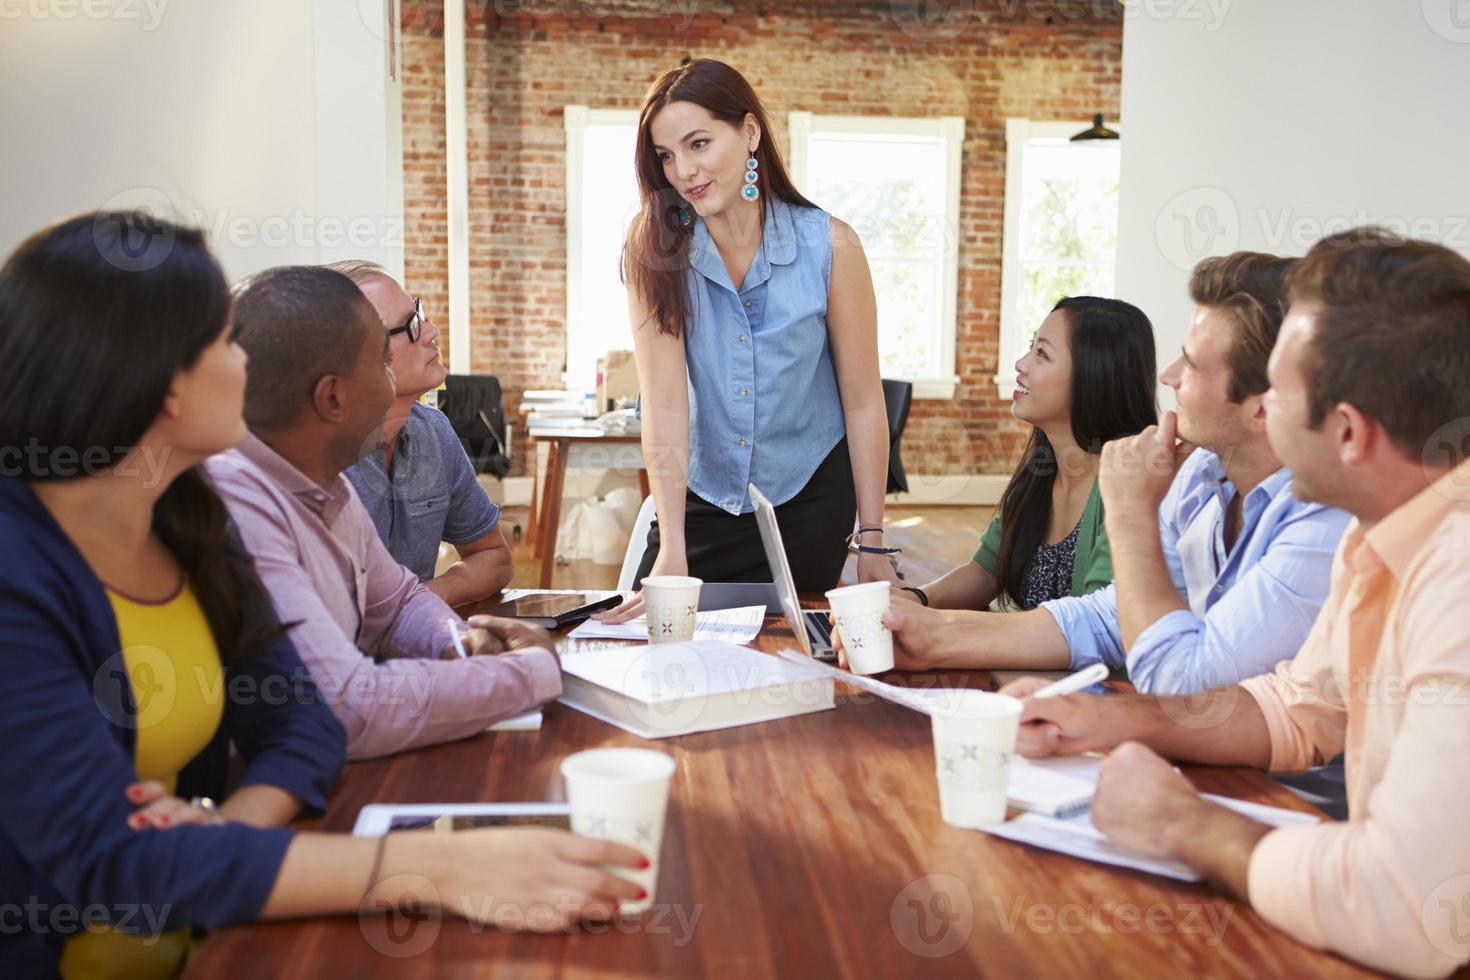 Chefe feminino abordando trabalhadores de escritório na reunião foto